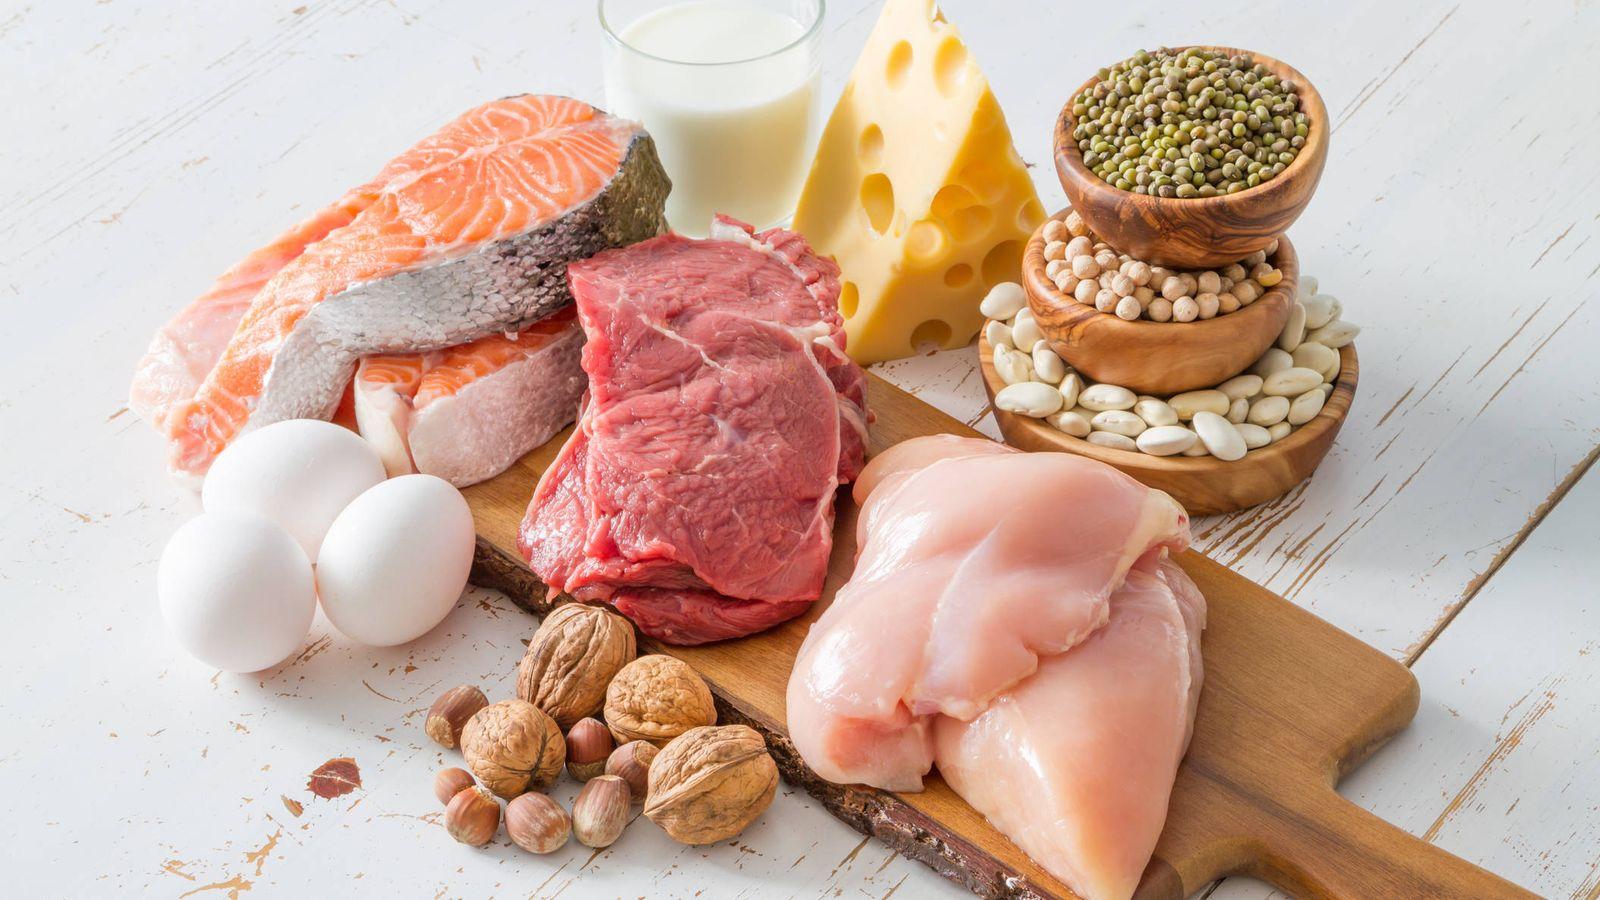 Ir aumentando las calorías luego del entrenamiento aumentara la masa muscular